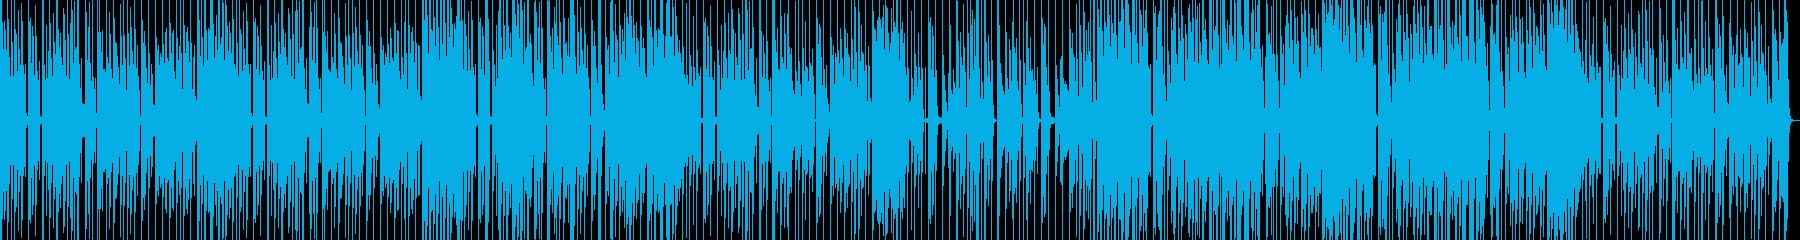 洋楽ポップスのようなおしゃれトラックの再生済みの波形